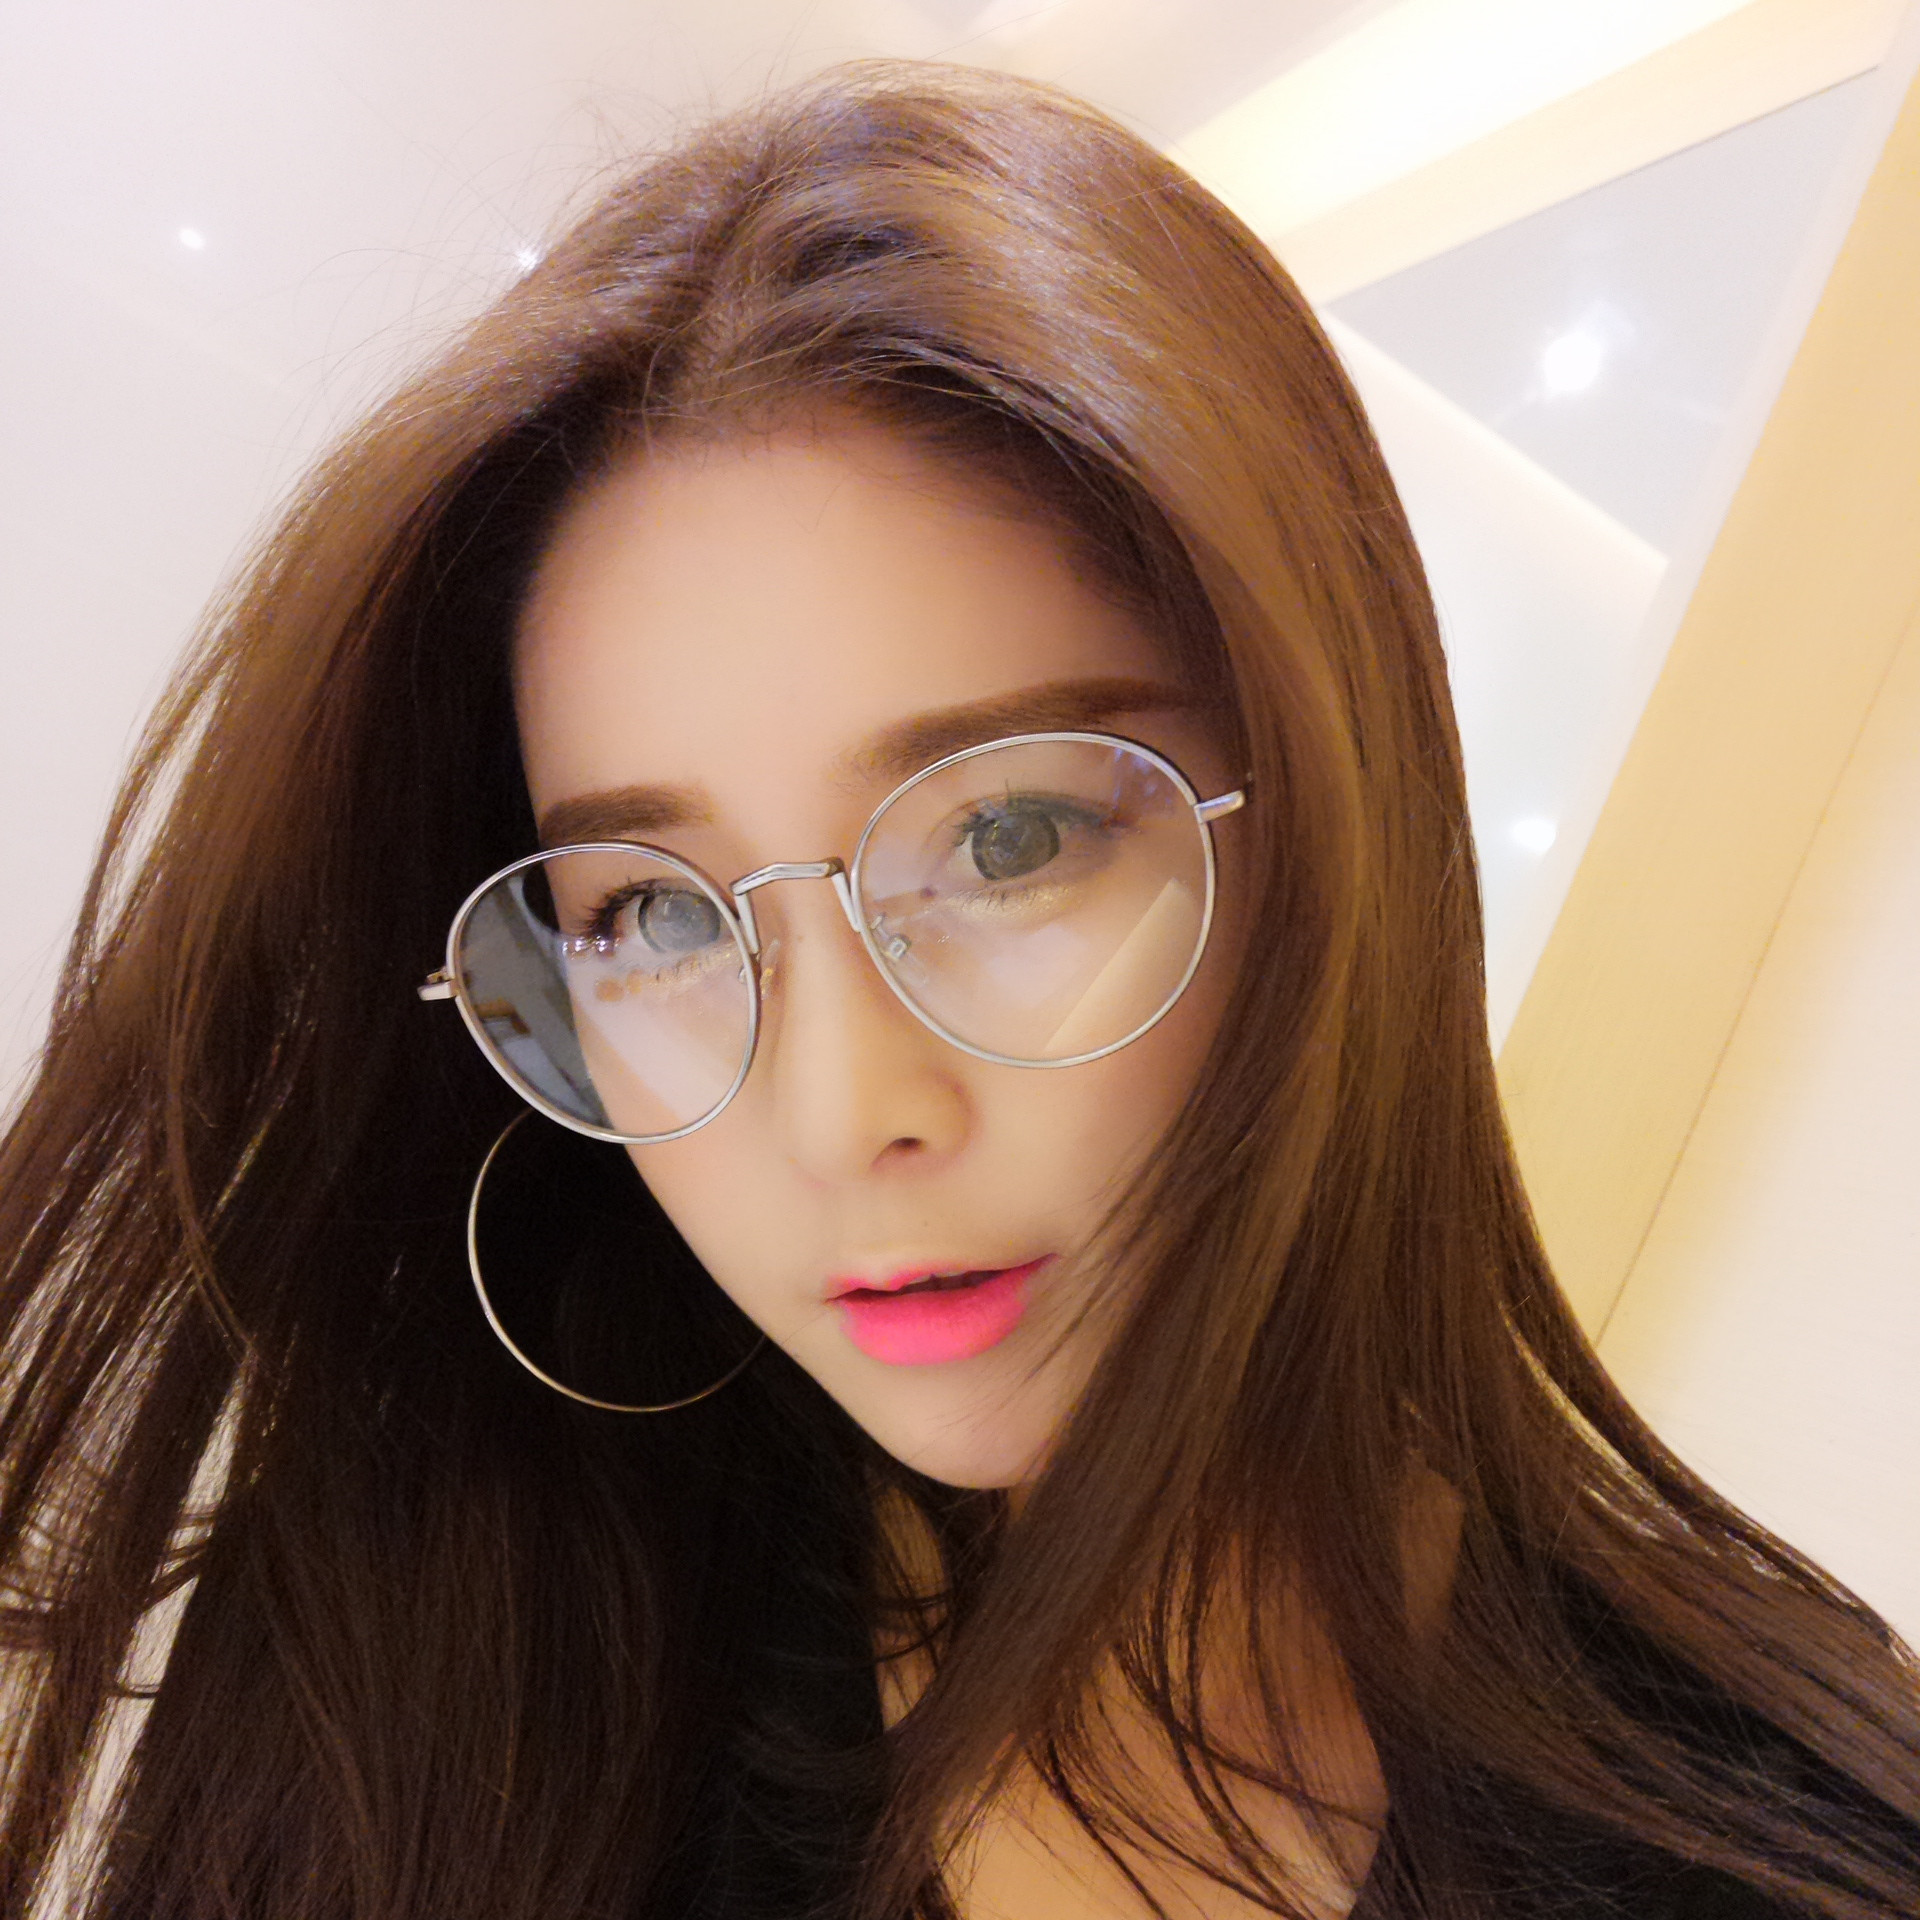 眼镜框女生图片_近视眼镜框女大脸圆脸时尚牌子质量怎么样 买评价